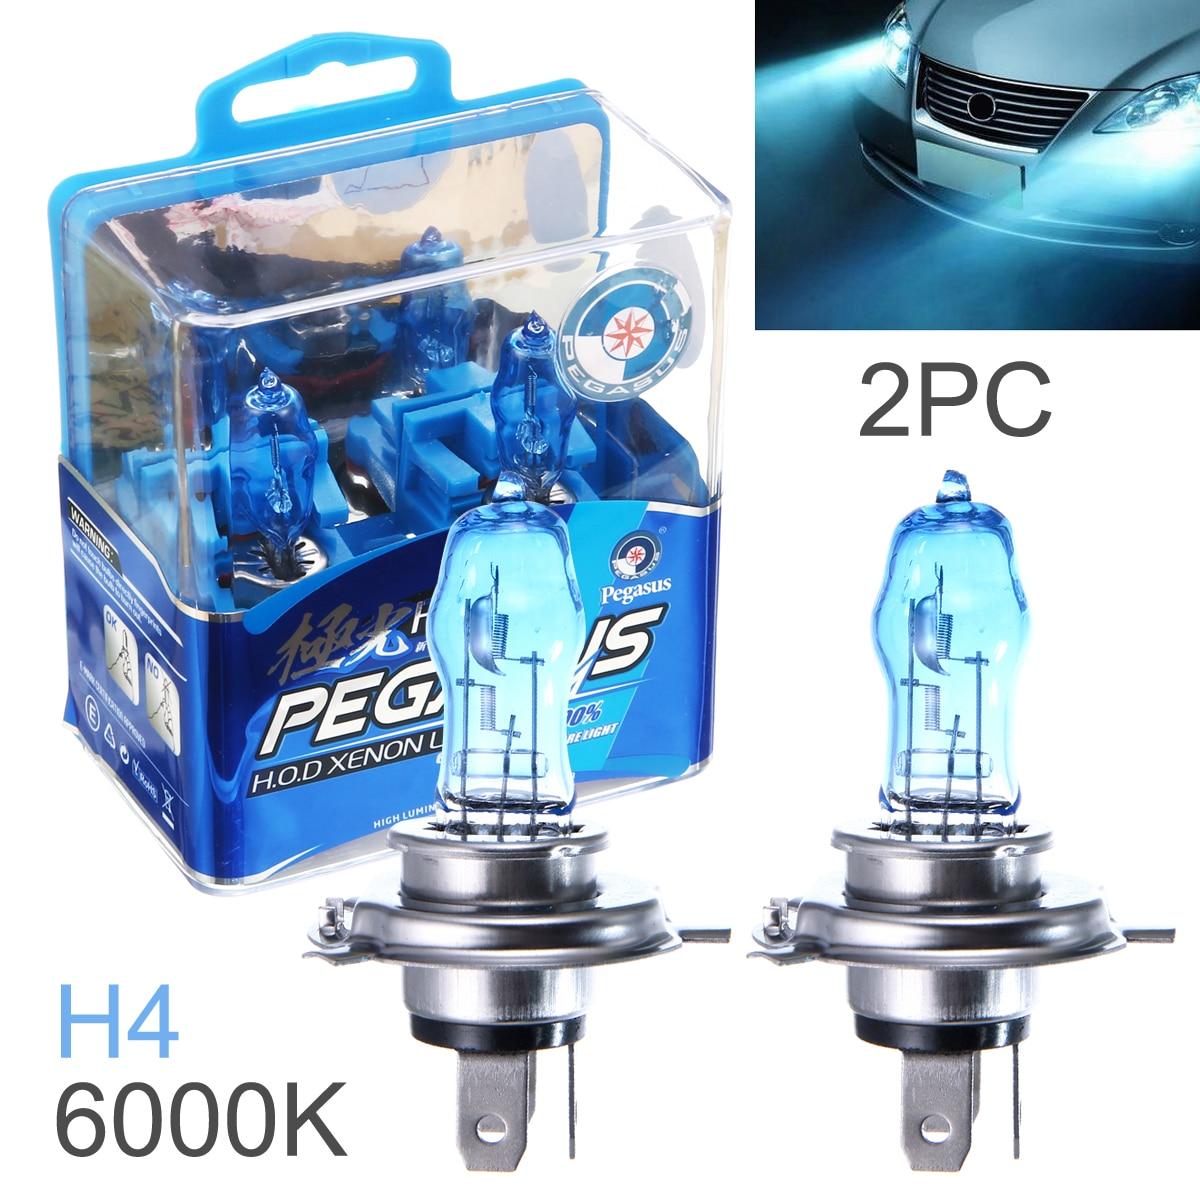 2 шт., супер ярсветильник галогенные лампы для передней фары автомобиля, 12 В постоянного тока, H4, 100 Вт, 6000K